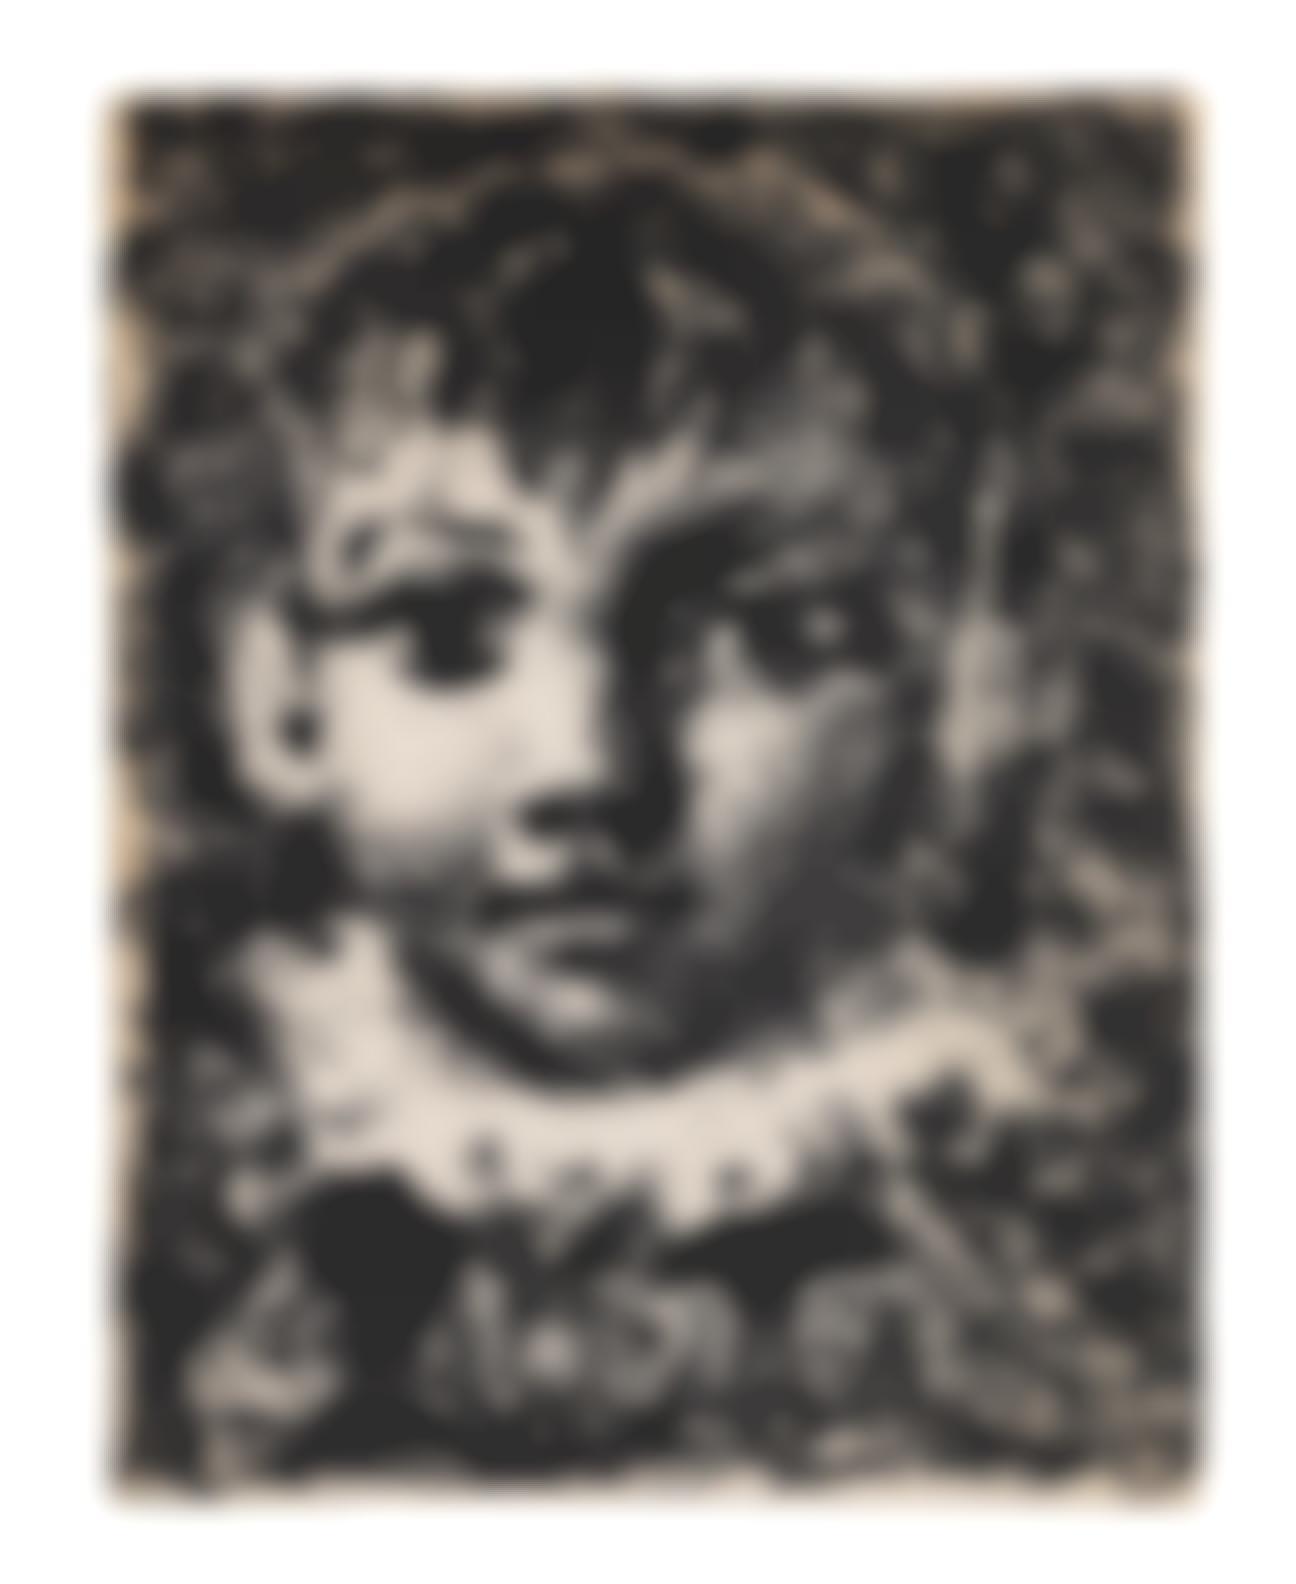 Pablo Picasso-Picasso Lithographe I-IV (Cramer 55, 60, 77, 125)-1964